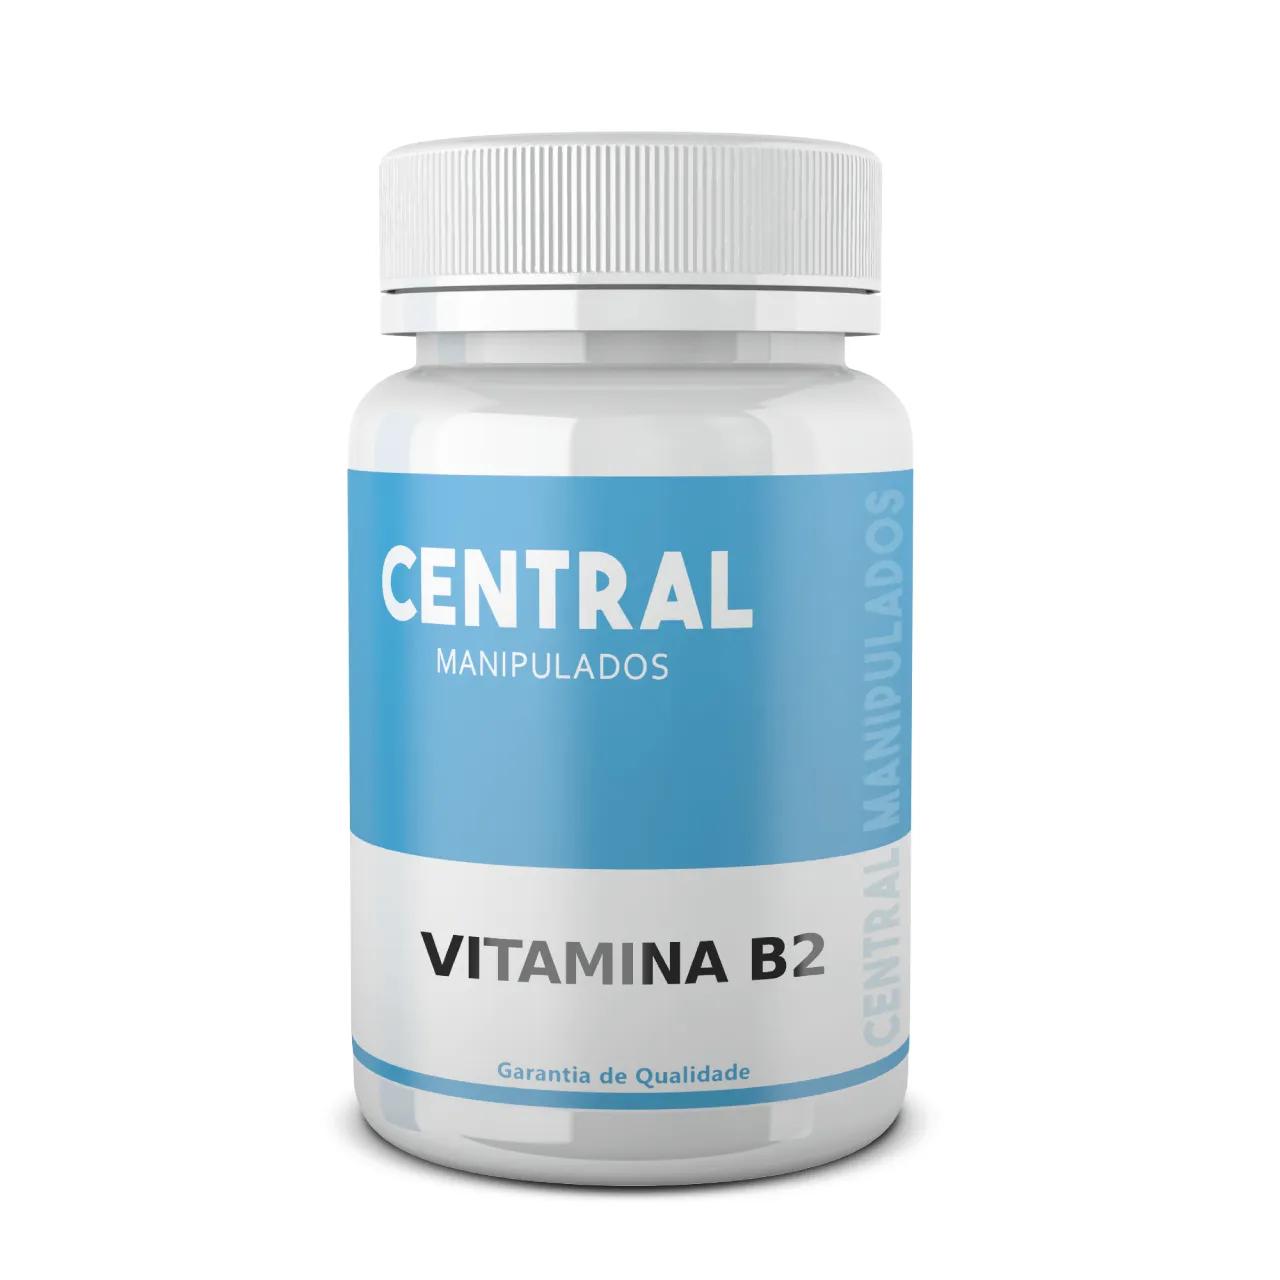 Vitamina B2 50mg - 120 cápsulas - Riboflavina